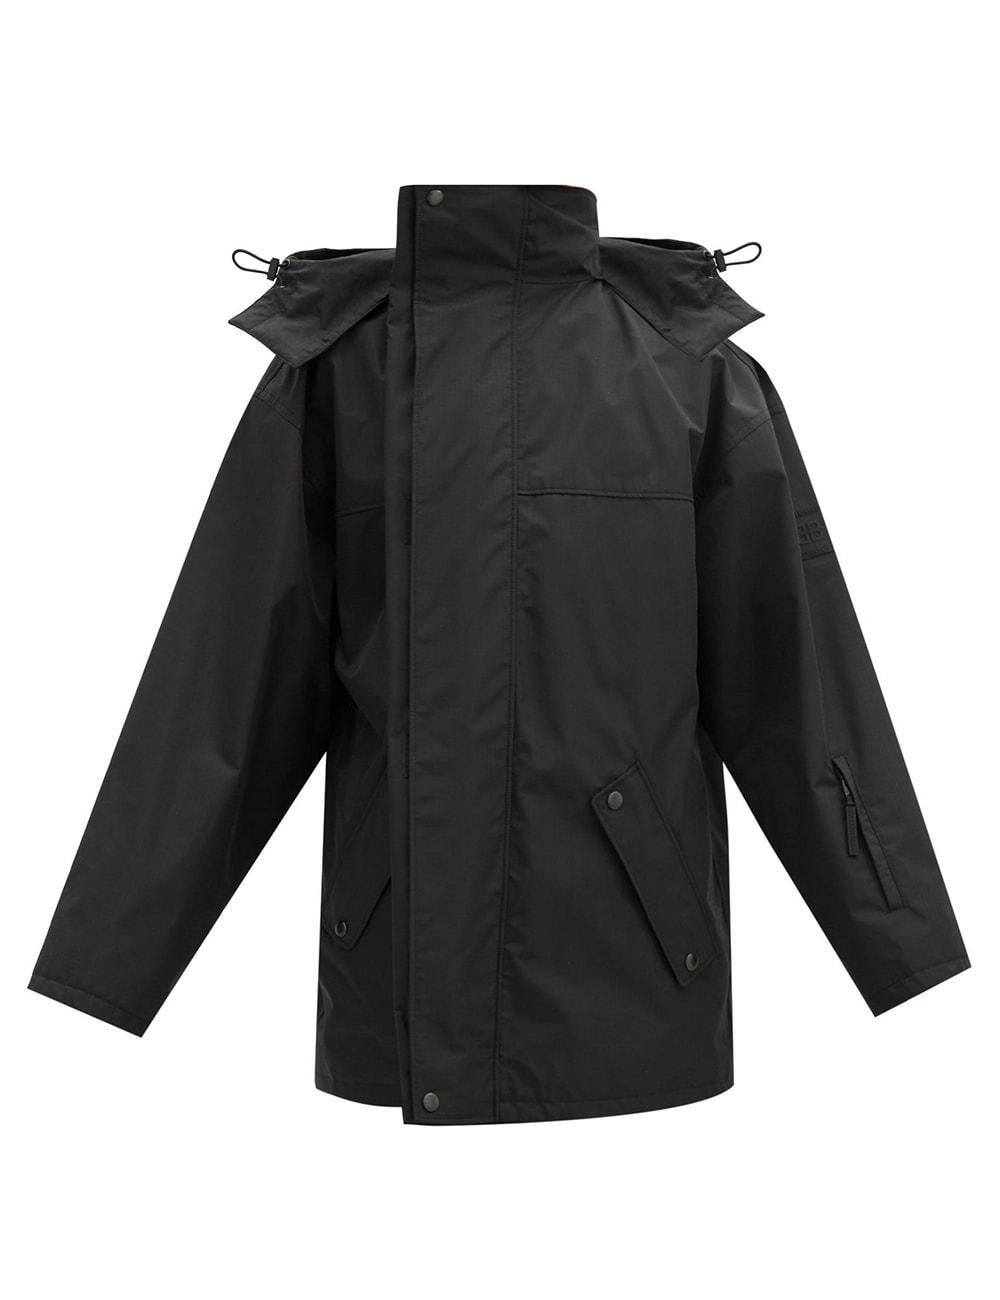 本日嚴選 10 款「風衣夾克」入手推介